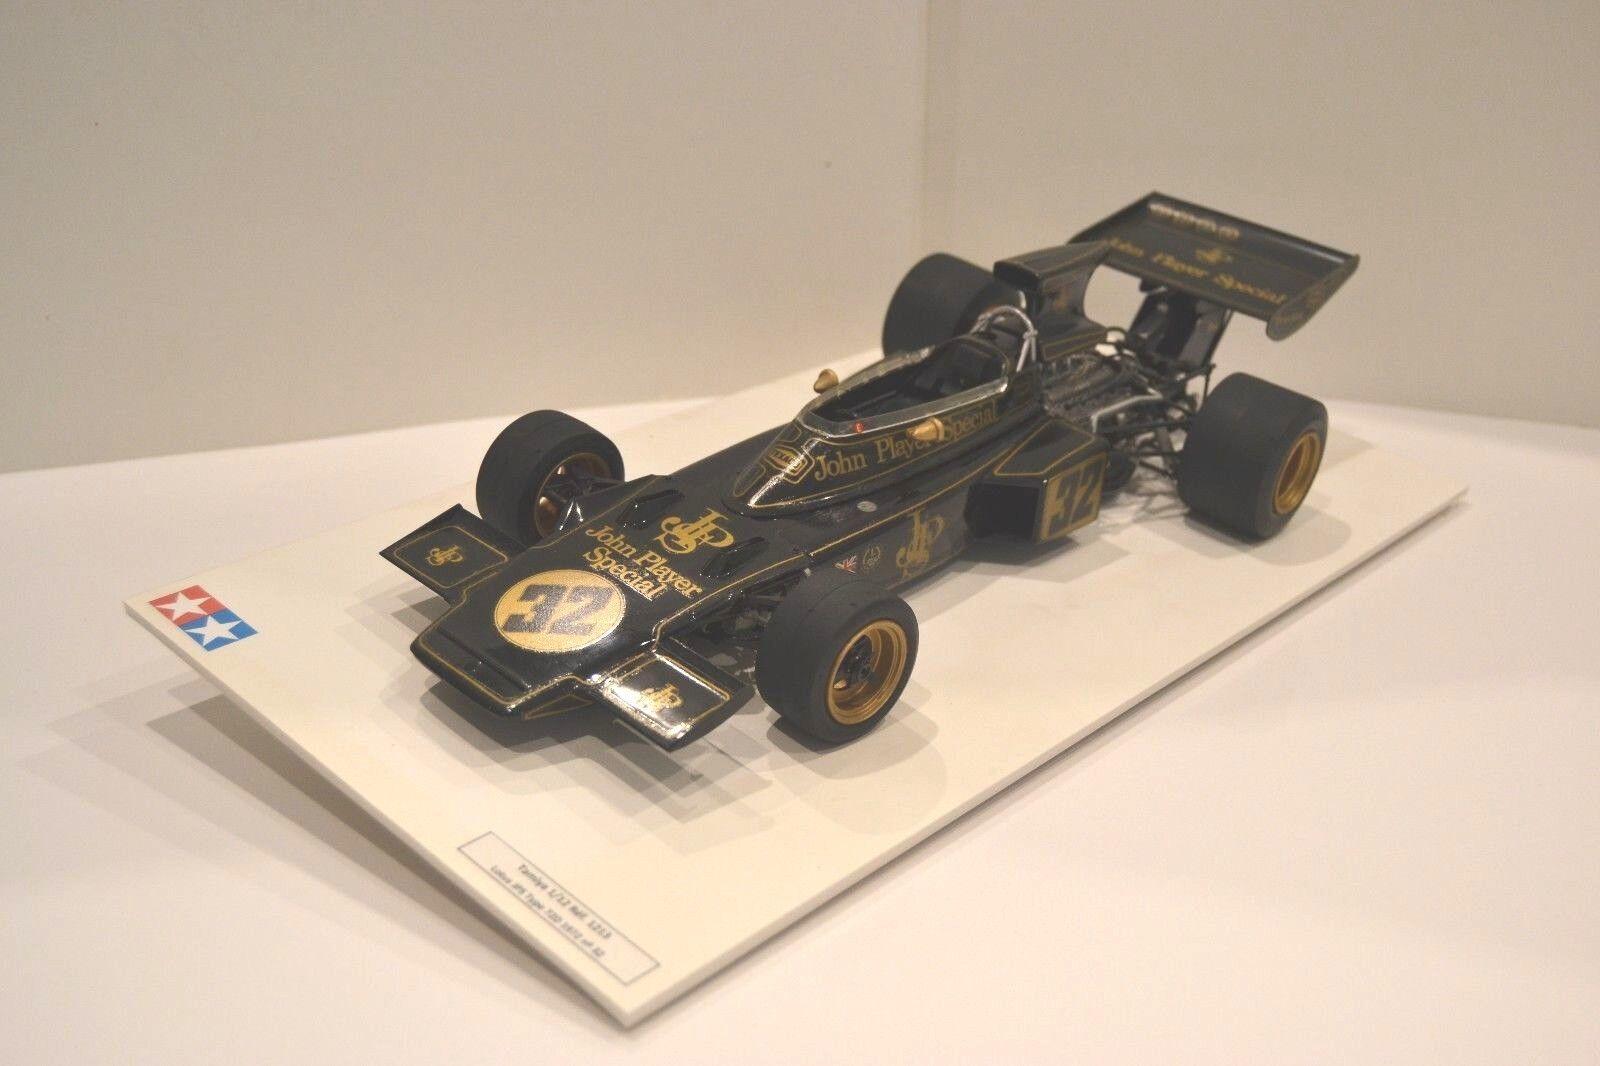 Tamiya 1/12. Lotus 72D 1972 Formule 1 nº 32. Réf. 1213. Modèle monté sur socle.